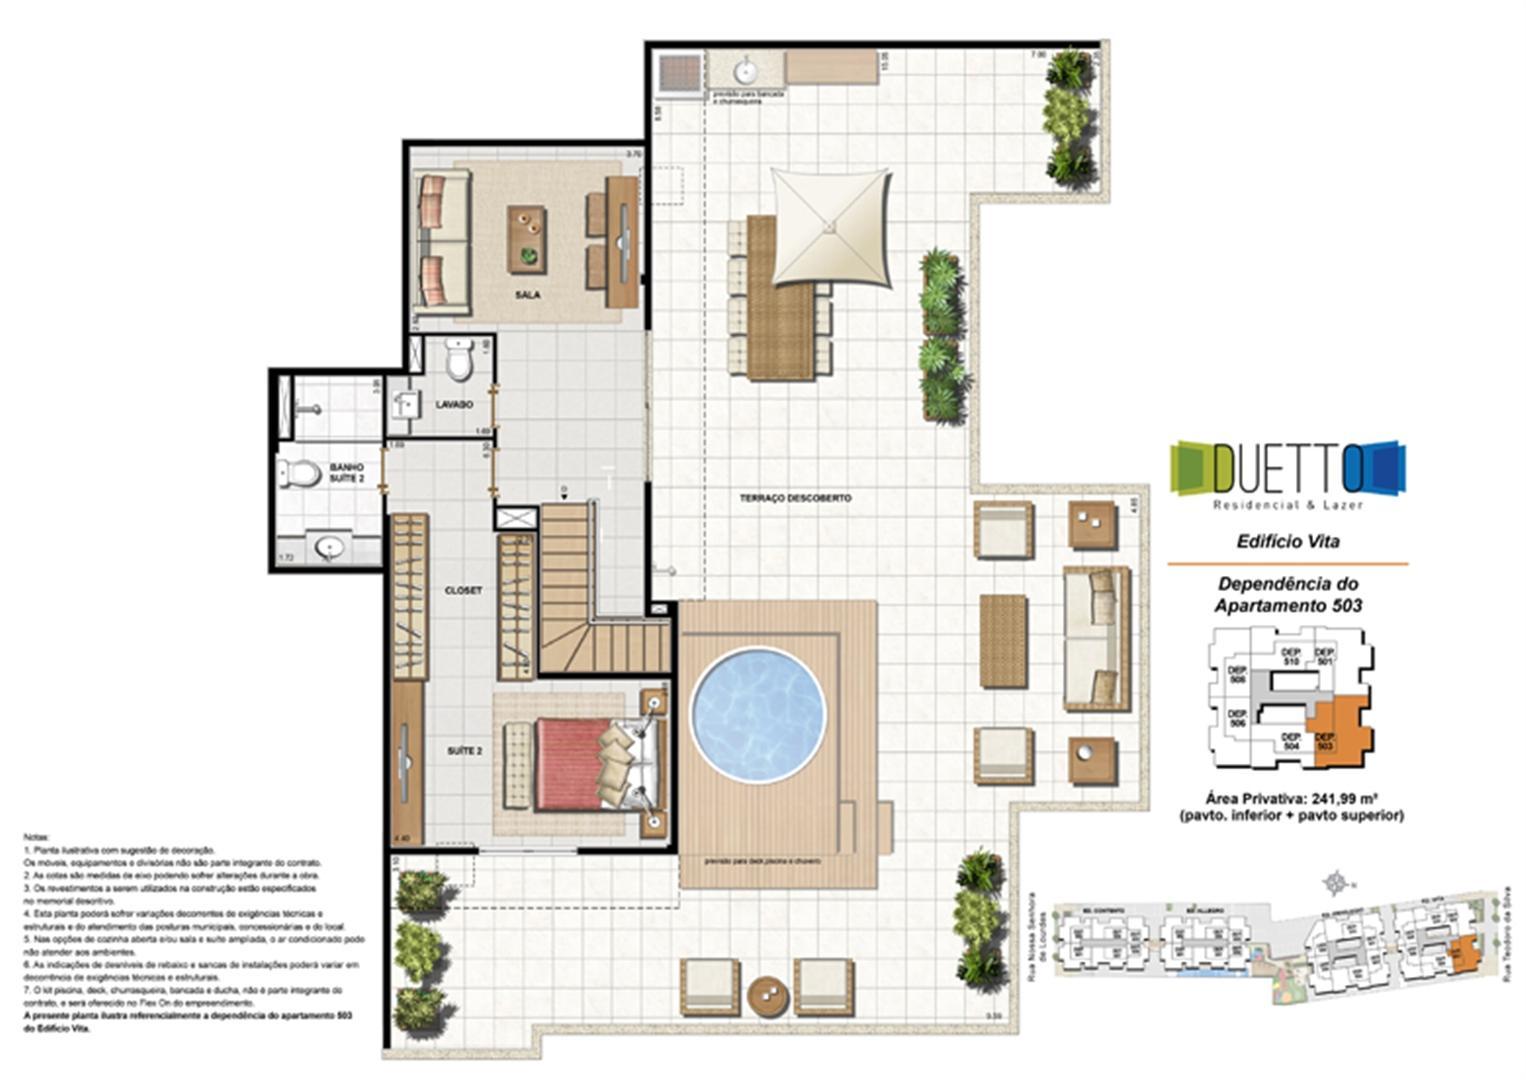 Cobertura Duplex - 3 Quartos com suíte - 241,99m² -pavto inferior+ pavto superior (2) | Duetto Residencial & Lazer – Apartamento no  Grajaú - Rio de Janeiro - Rio de Janeiro